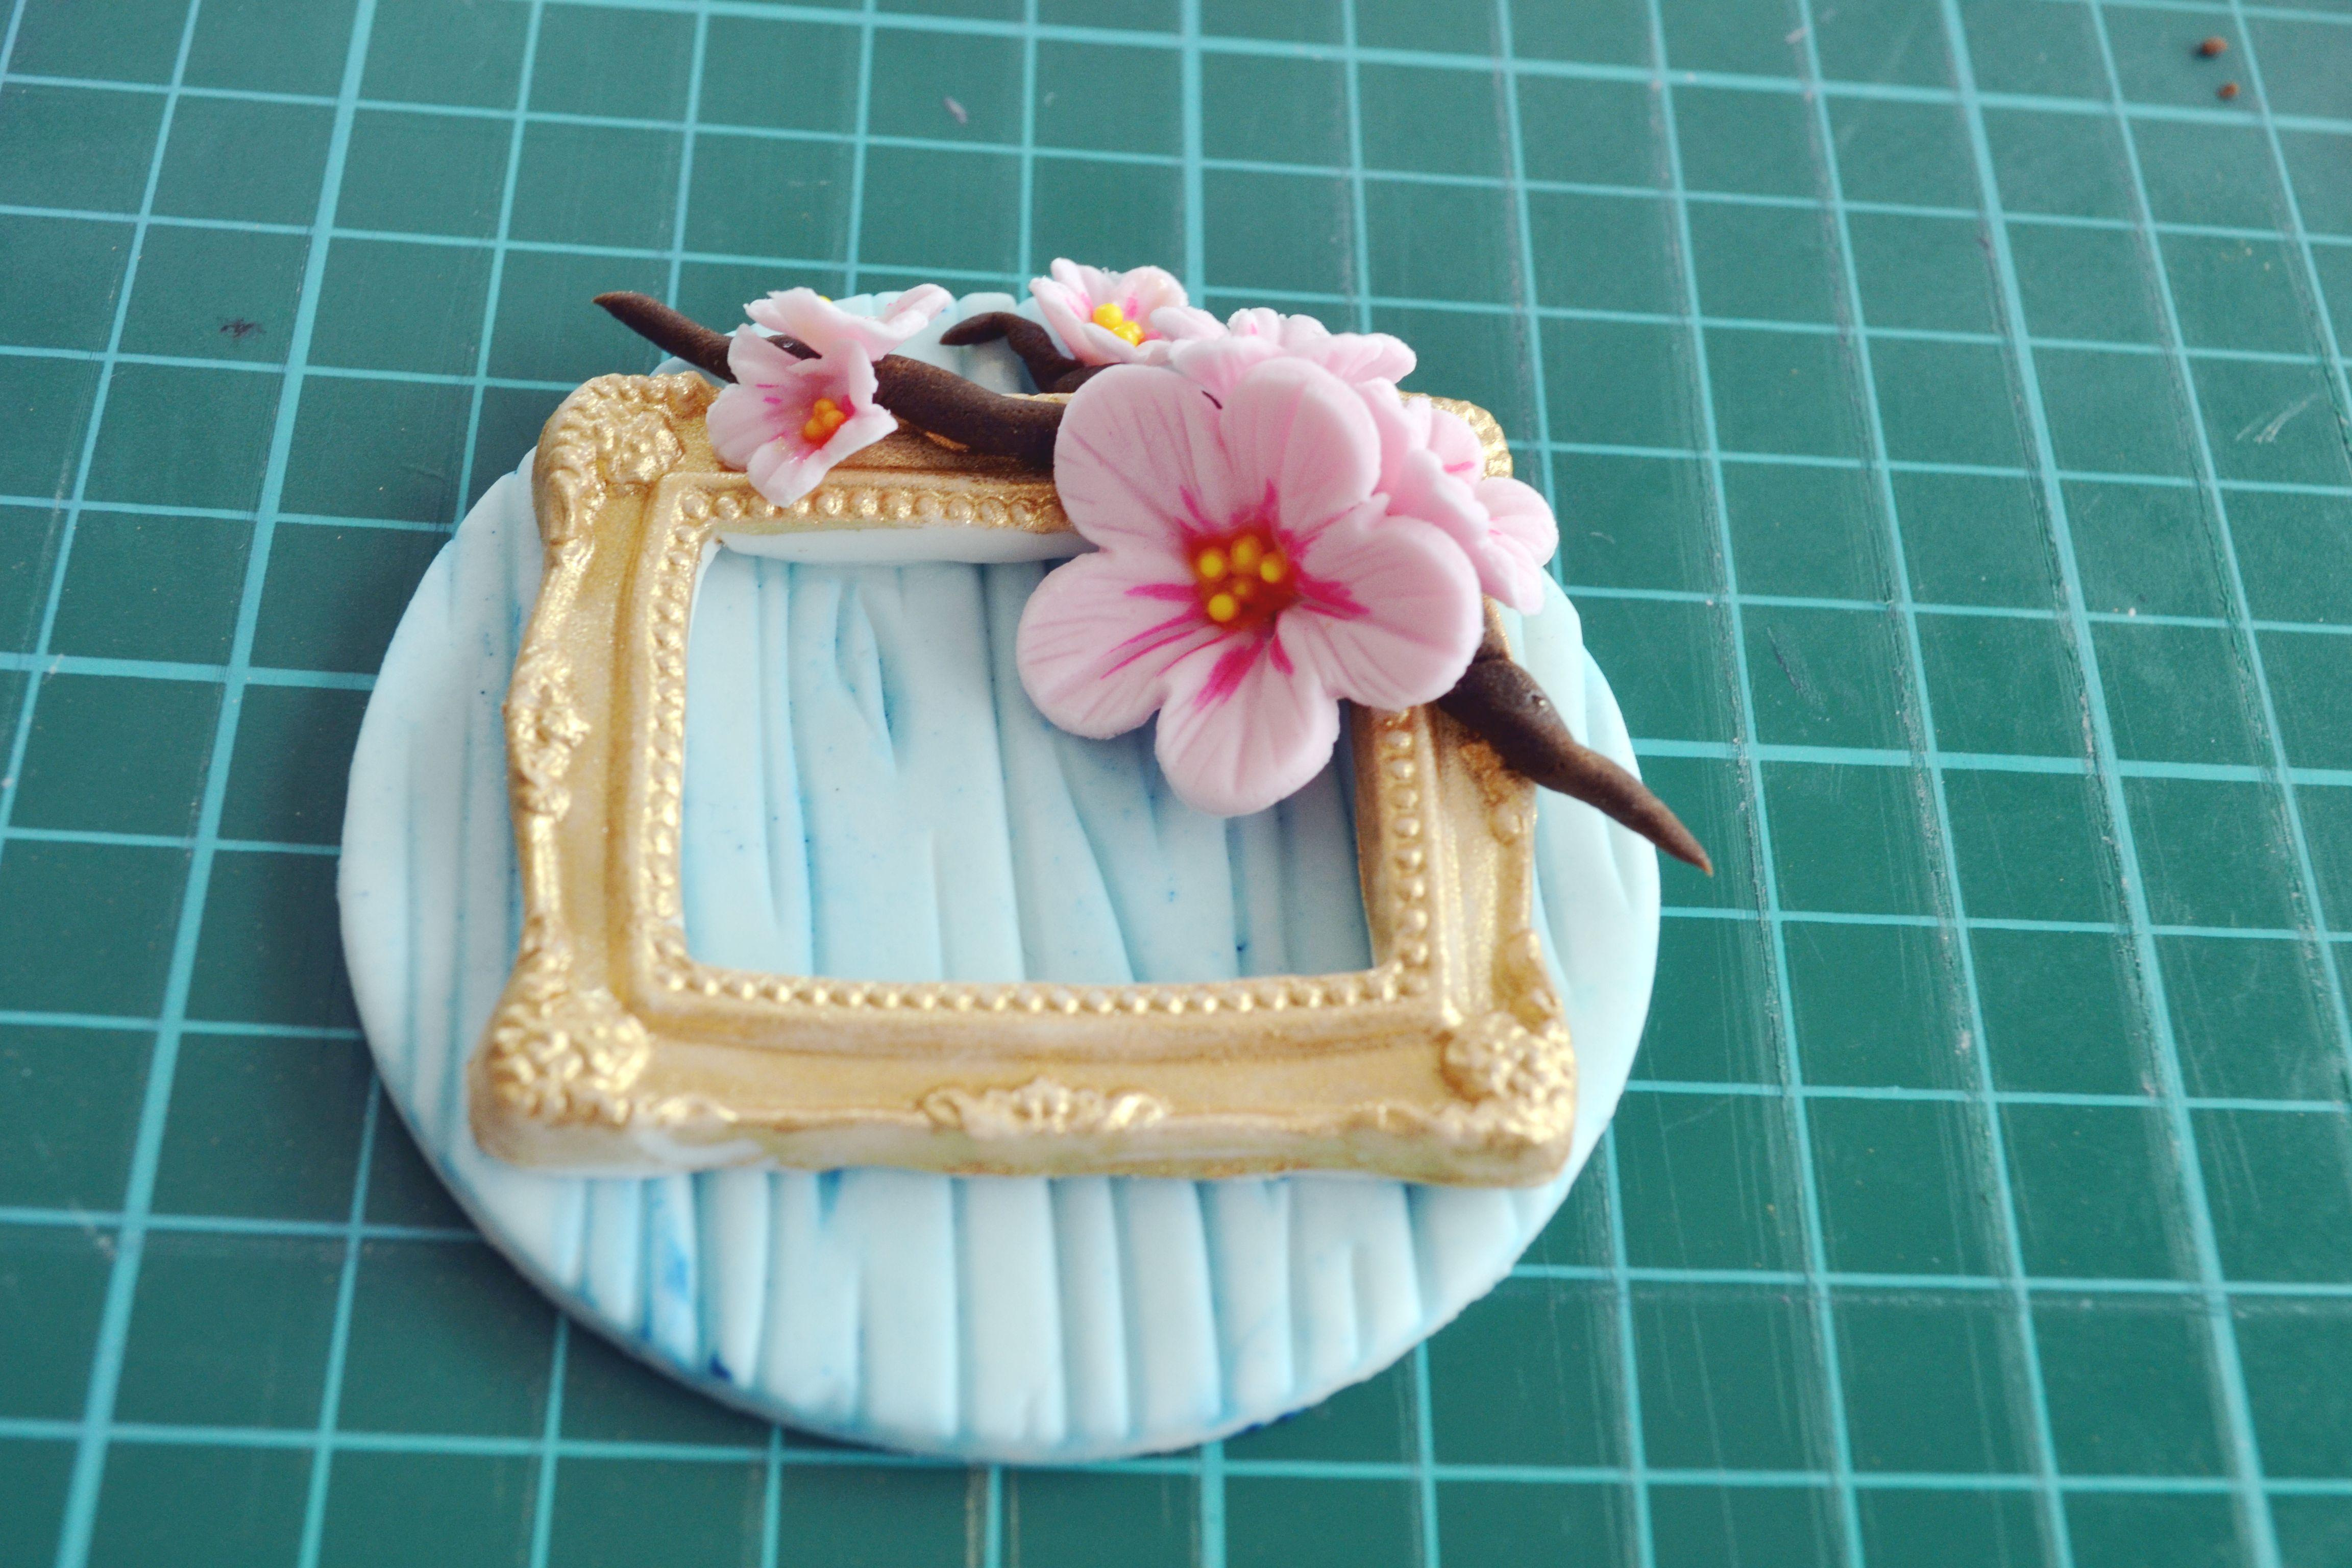 finished-cupcake-decoration